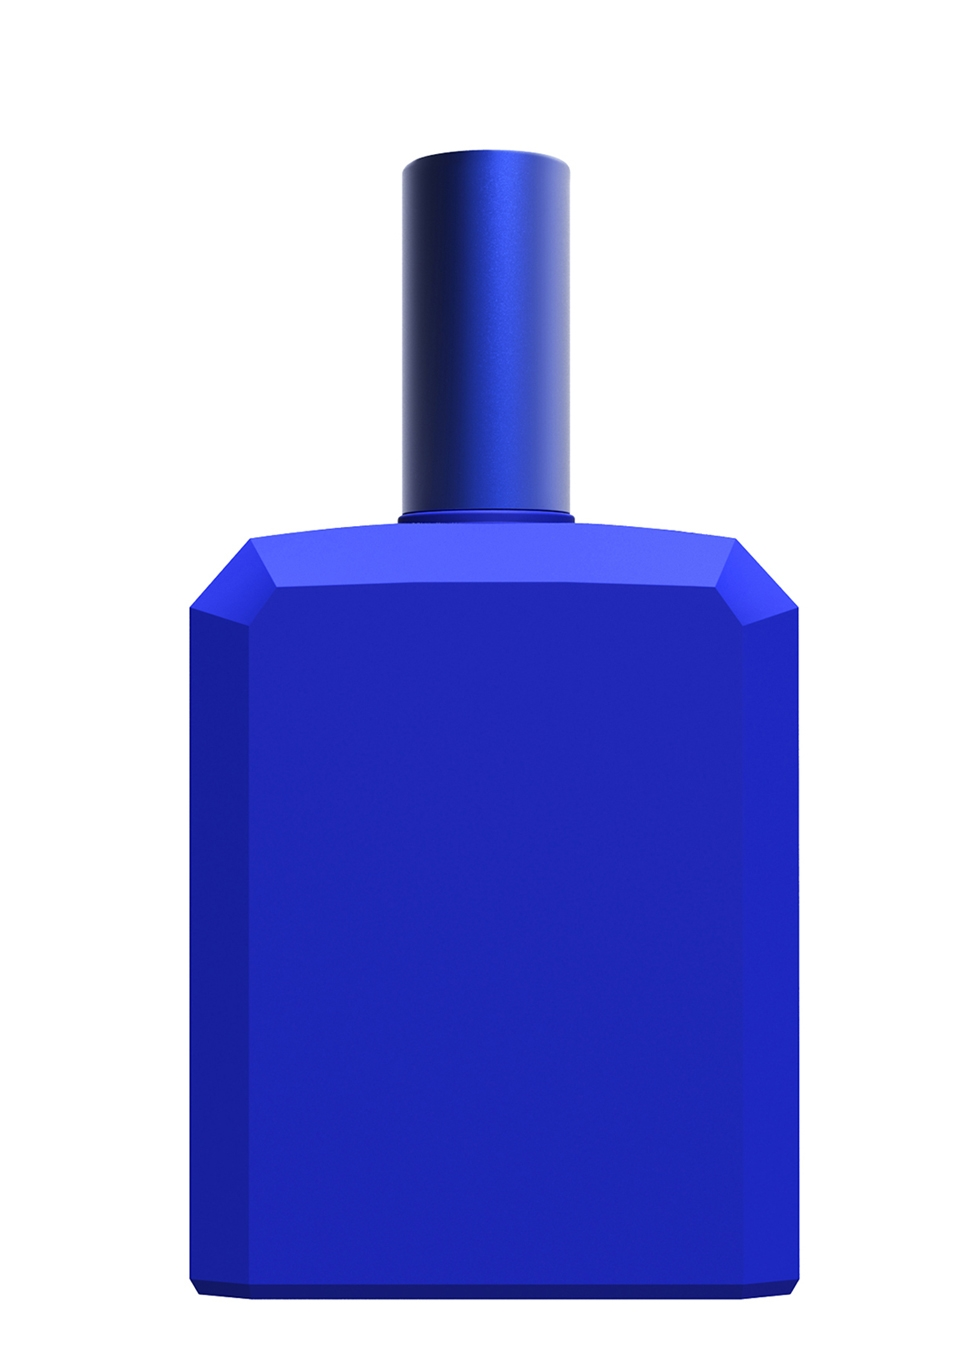 This Is Not A Blue Bottle 1.1 120ml - Histoires de Parfums